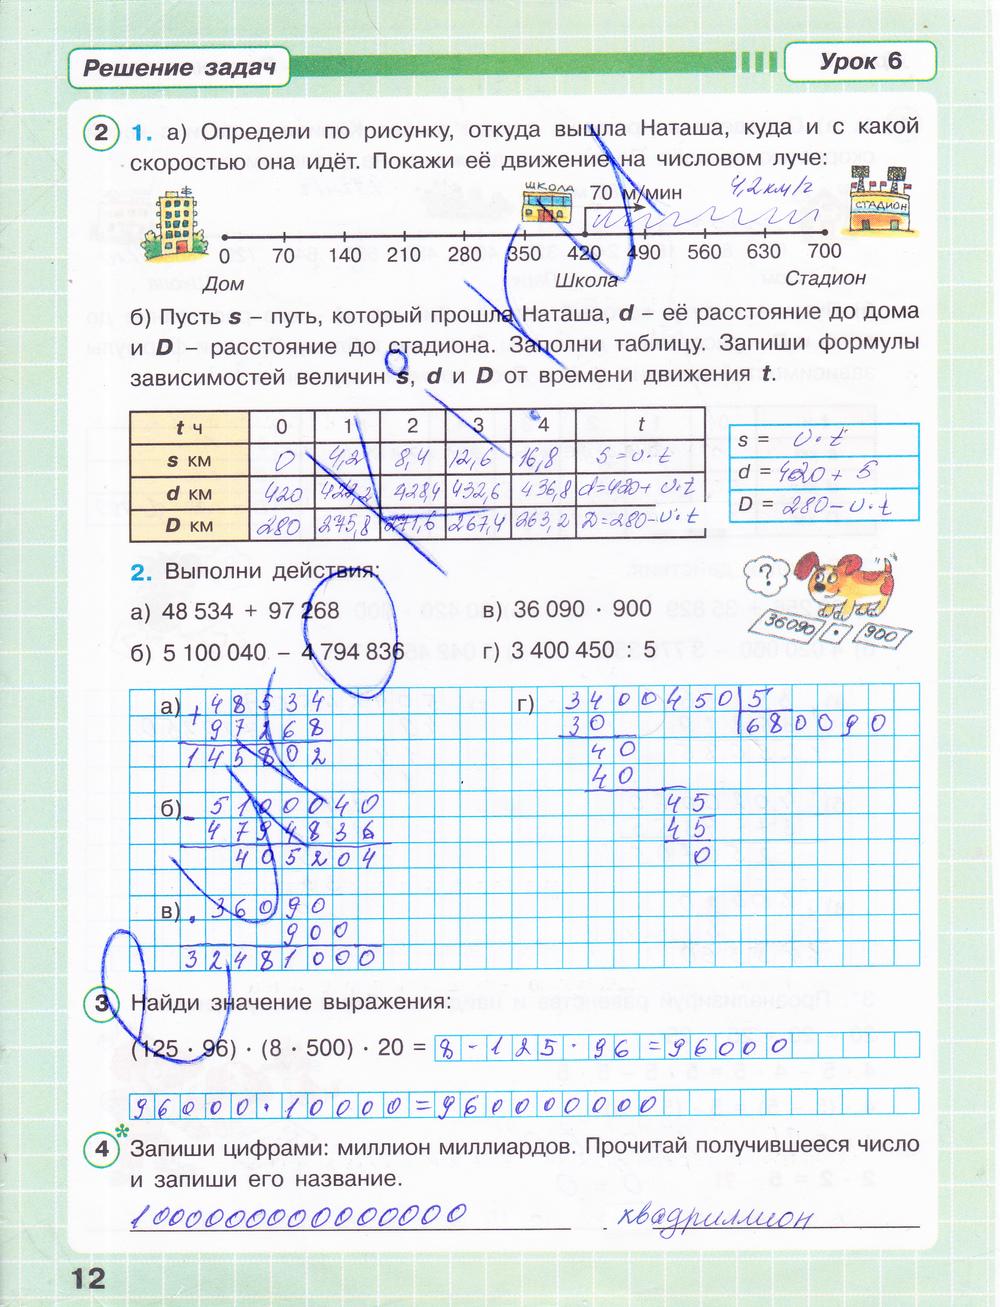 Решебник гдз русский язык 2 класс байкова